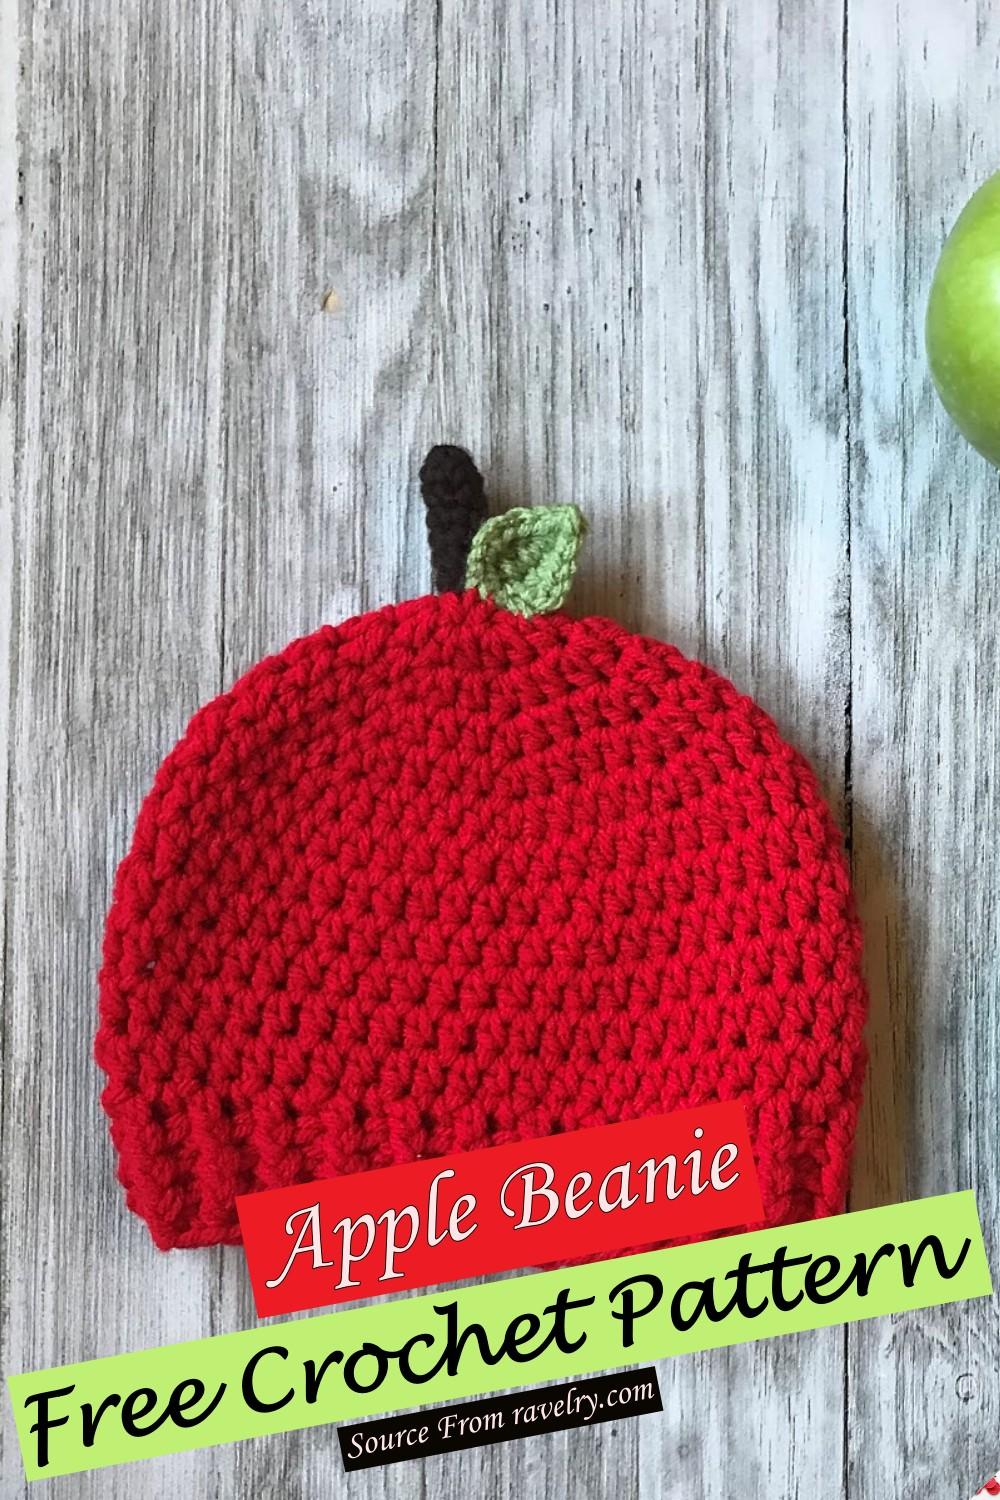 Free Crochet Apple Beanie Pattern